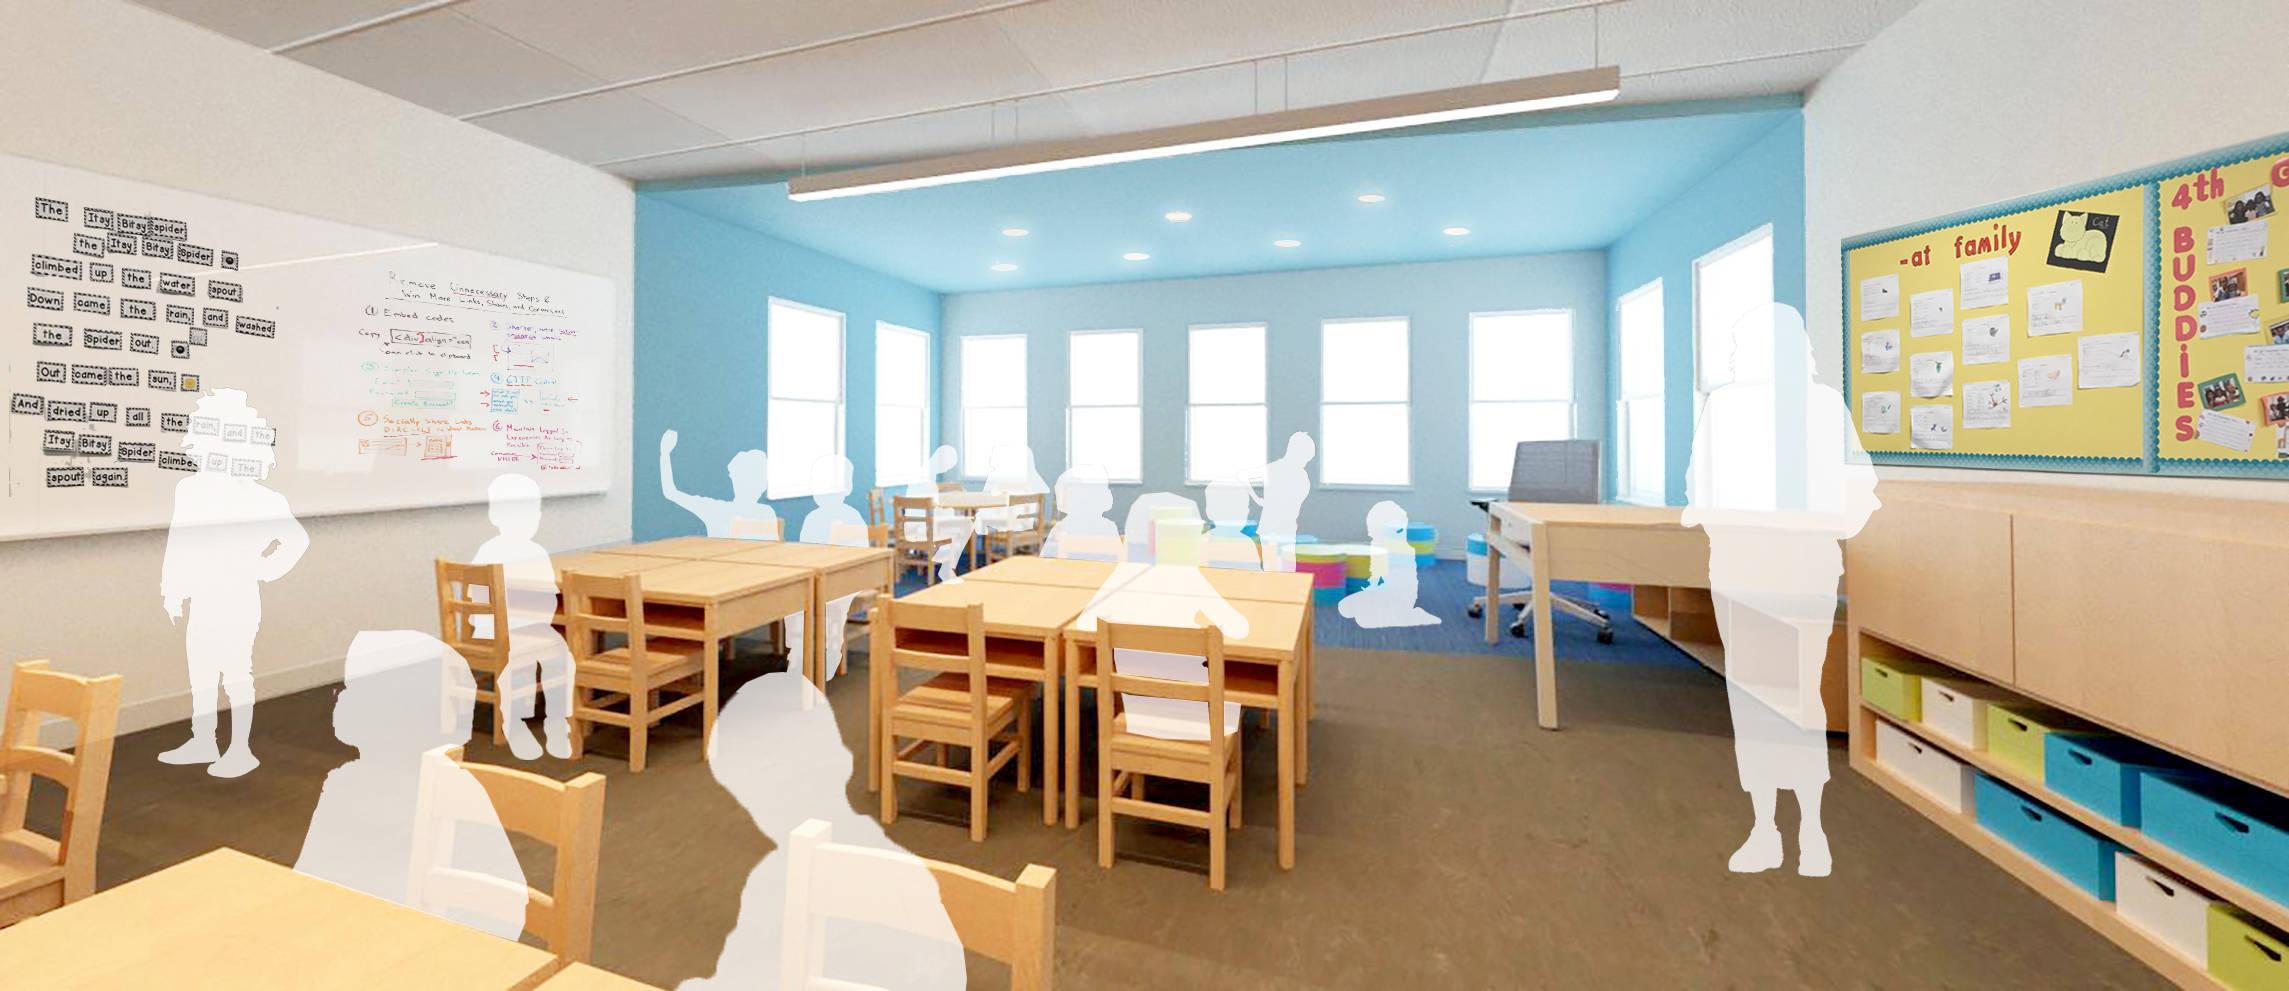 b7663f95bb79ff70d55f_d4eebb4158e2de33b354_Peck_Kindergarten_Classroom-Blue_FINAL.jpg